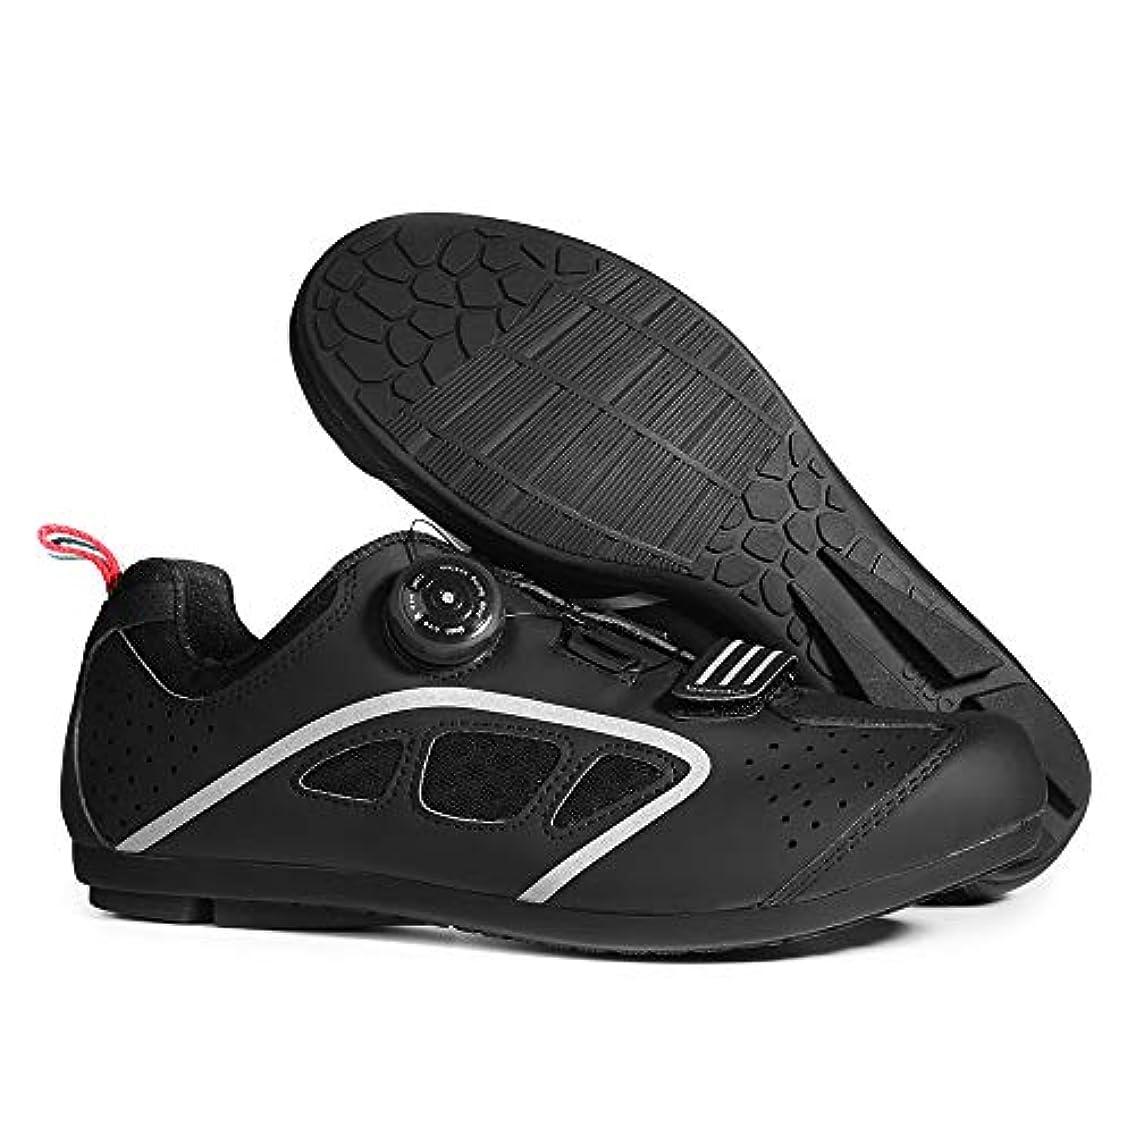 気を散らす重さケープLIXADA サイクリングシューズ ビンディングシューズ メンズ 2色 超軽量 滑り止め 通気性 耐磨耗 ロード スポーツ サイクリング バイク サイクルシュ−ズ